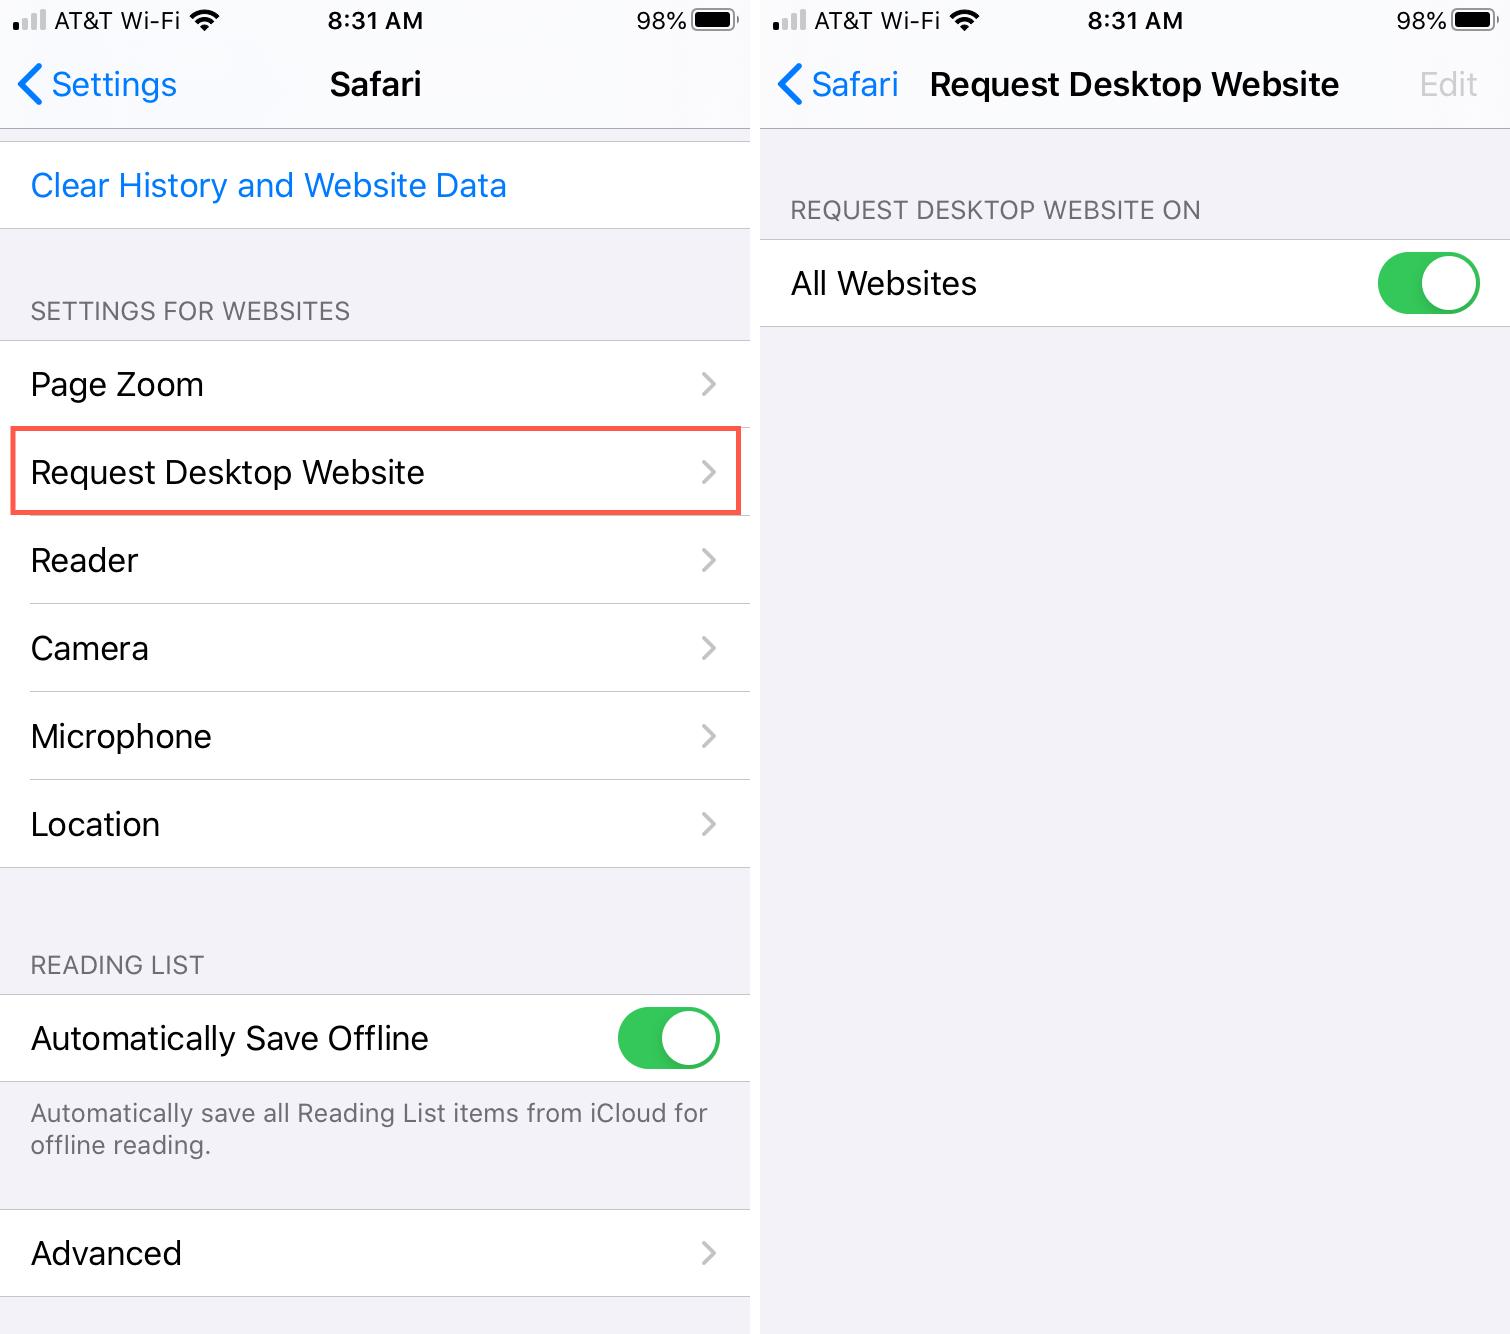 Safari Request Desktop Site Settings - updated